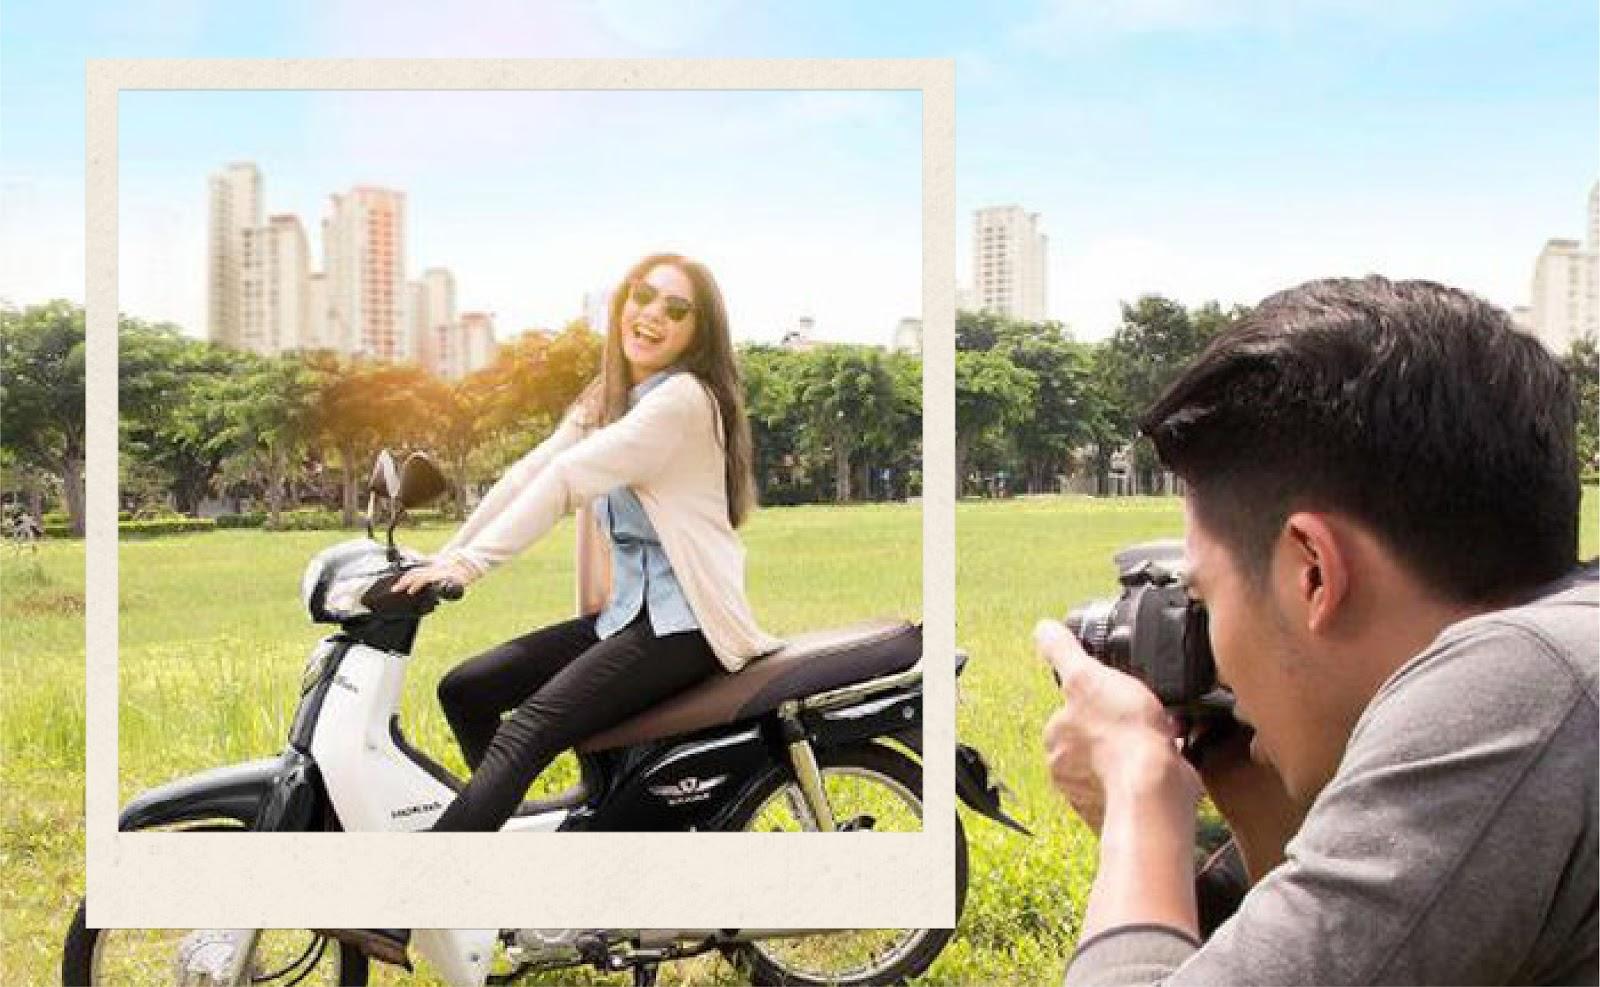 Tham gia cuộc thi ảnh cực chất cùng OKXE và rinh ngay chuyến du lịch Bangkok, Thái Lan - Ảnh 3.